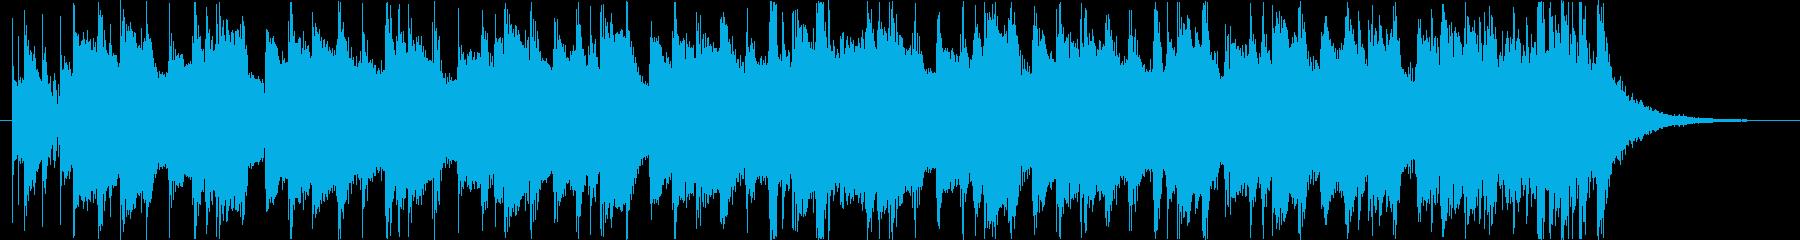 軽快爽やか楽しい夏ハワイレゲエラテン曲eの再生済みの波形